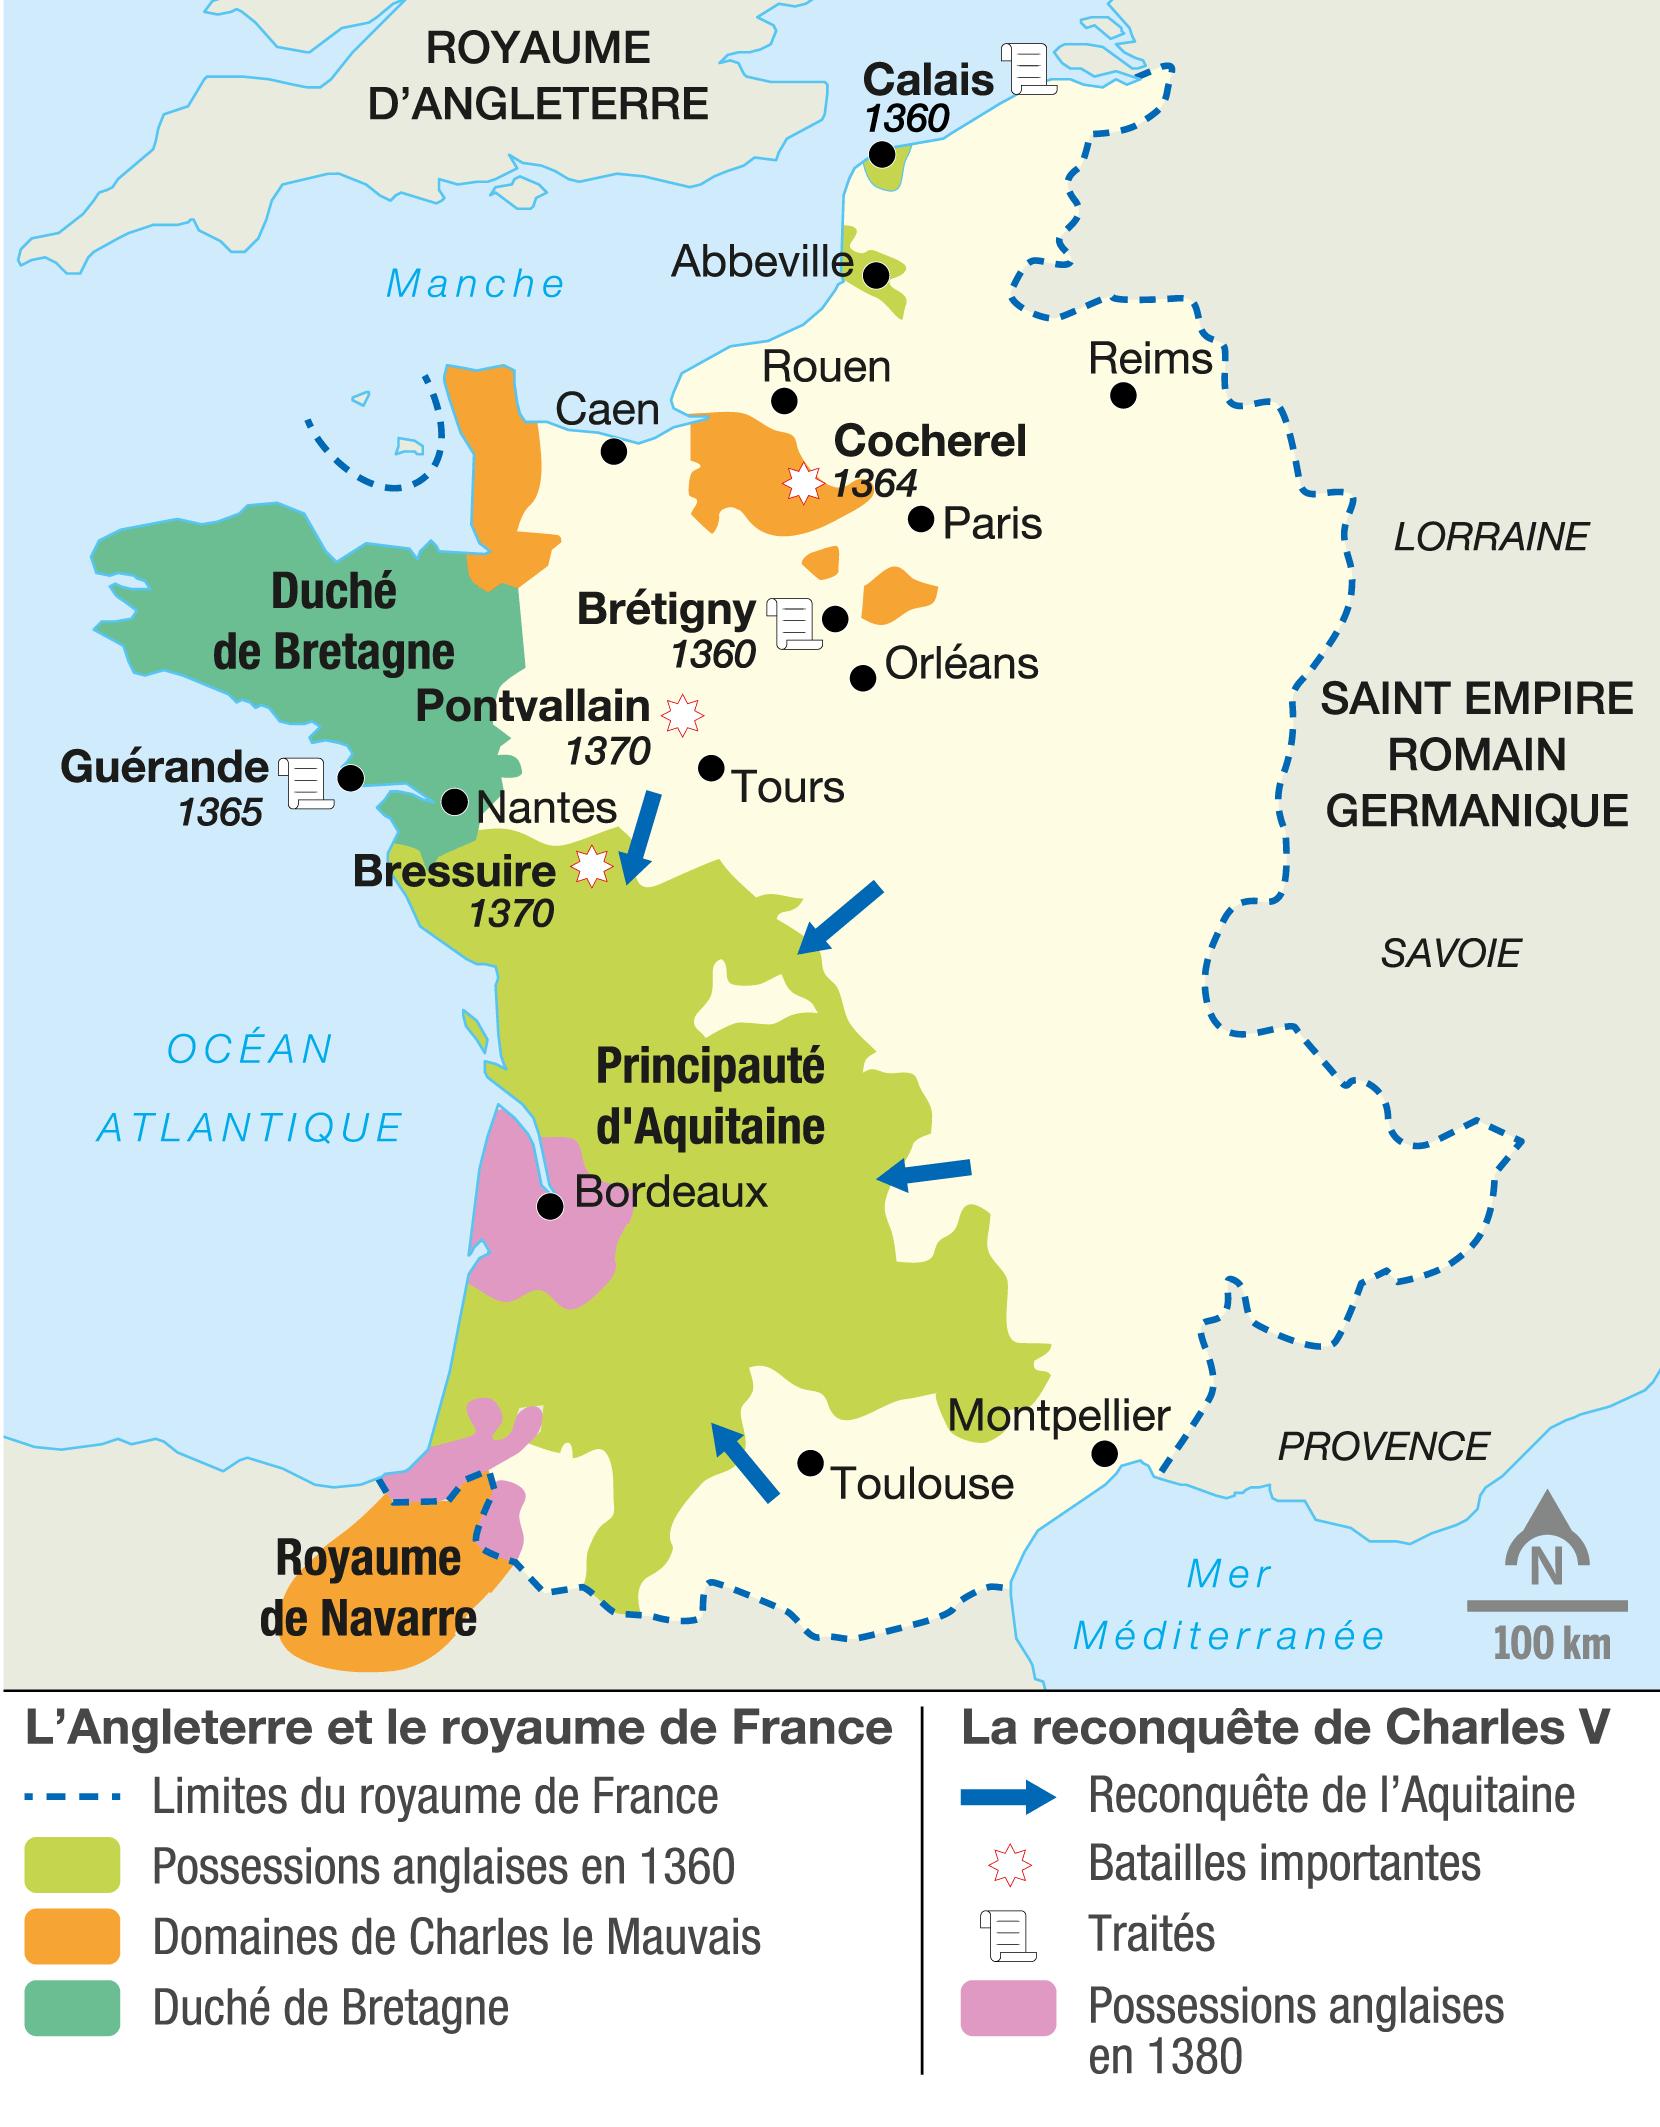 <stamp theme='his-green2'>Doc. 1</stamp> La reconquête du royaume de France par Charles V